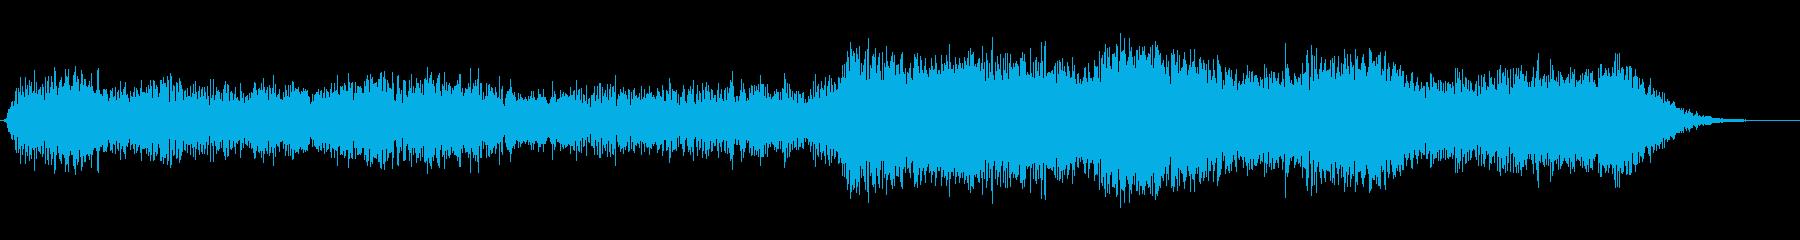 精神的なブレイクアウトの再生済みの波形